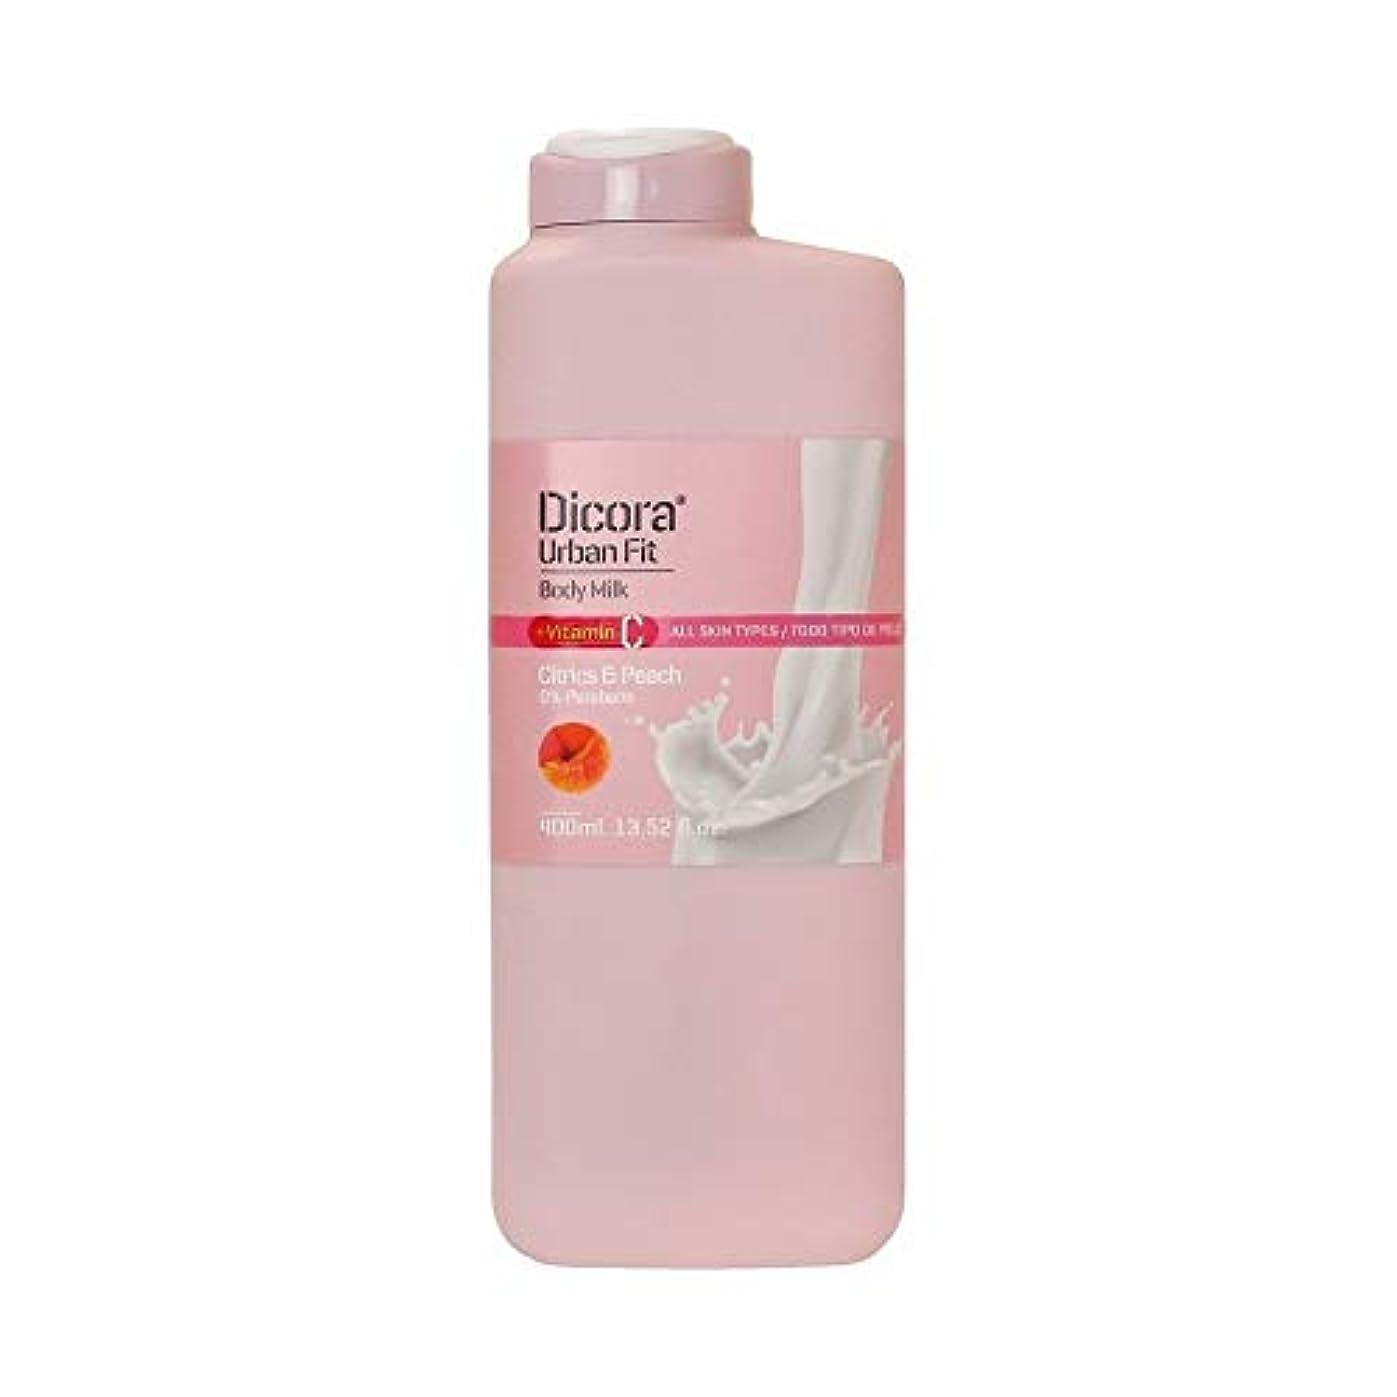 お金ゴム燃料検証Dicora(ディコラ) ディコラ アーバンフィット シャワージェル MK&ML 400ml ボディクリーム シトラス & ピーチの香り